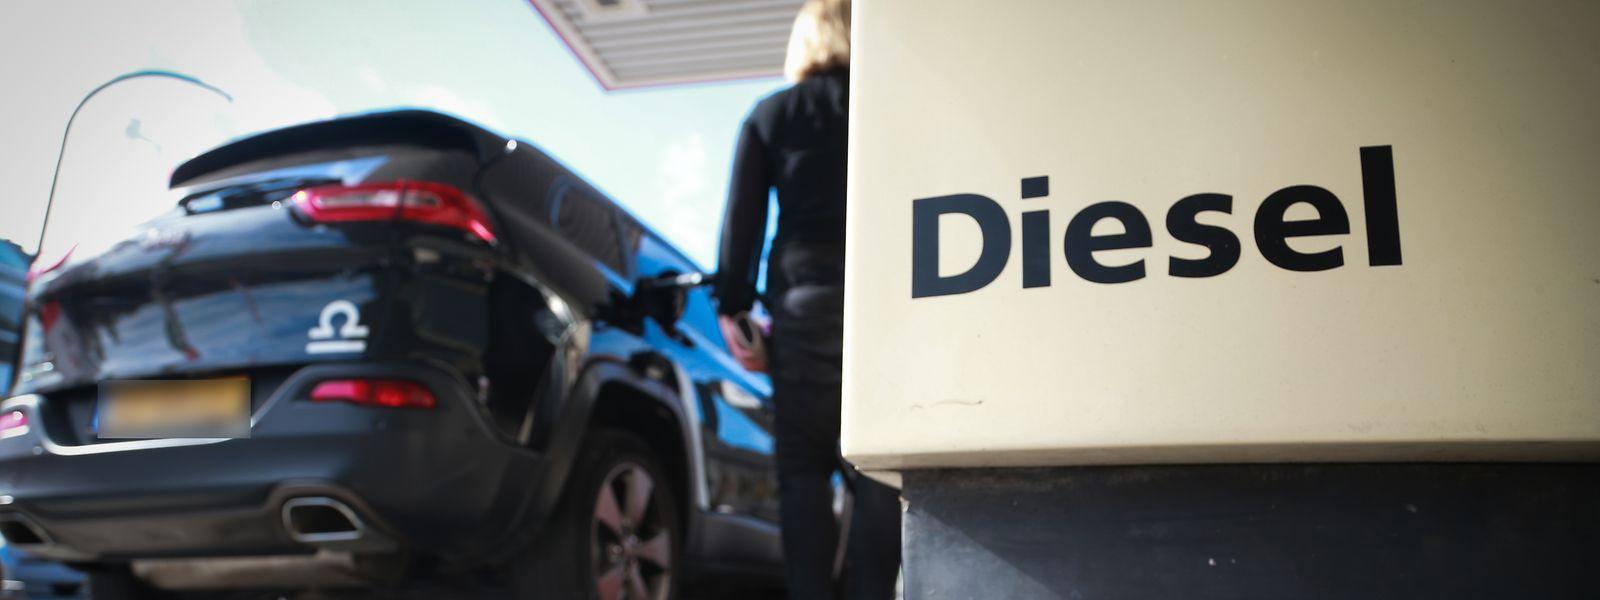 Die Kraftstoffpreise in Luxemburg befinden sich seit Monaten im Aufwärtstrend.